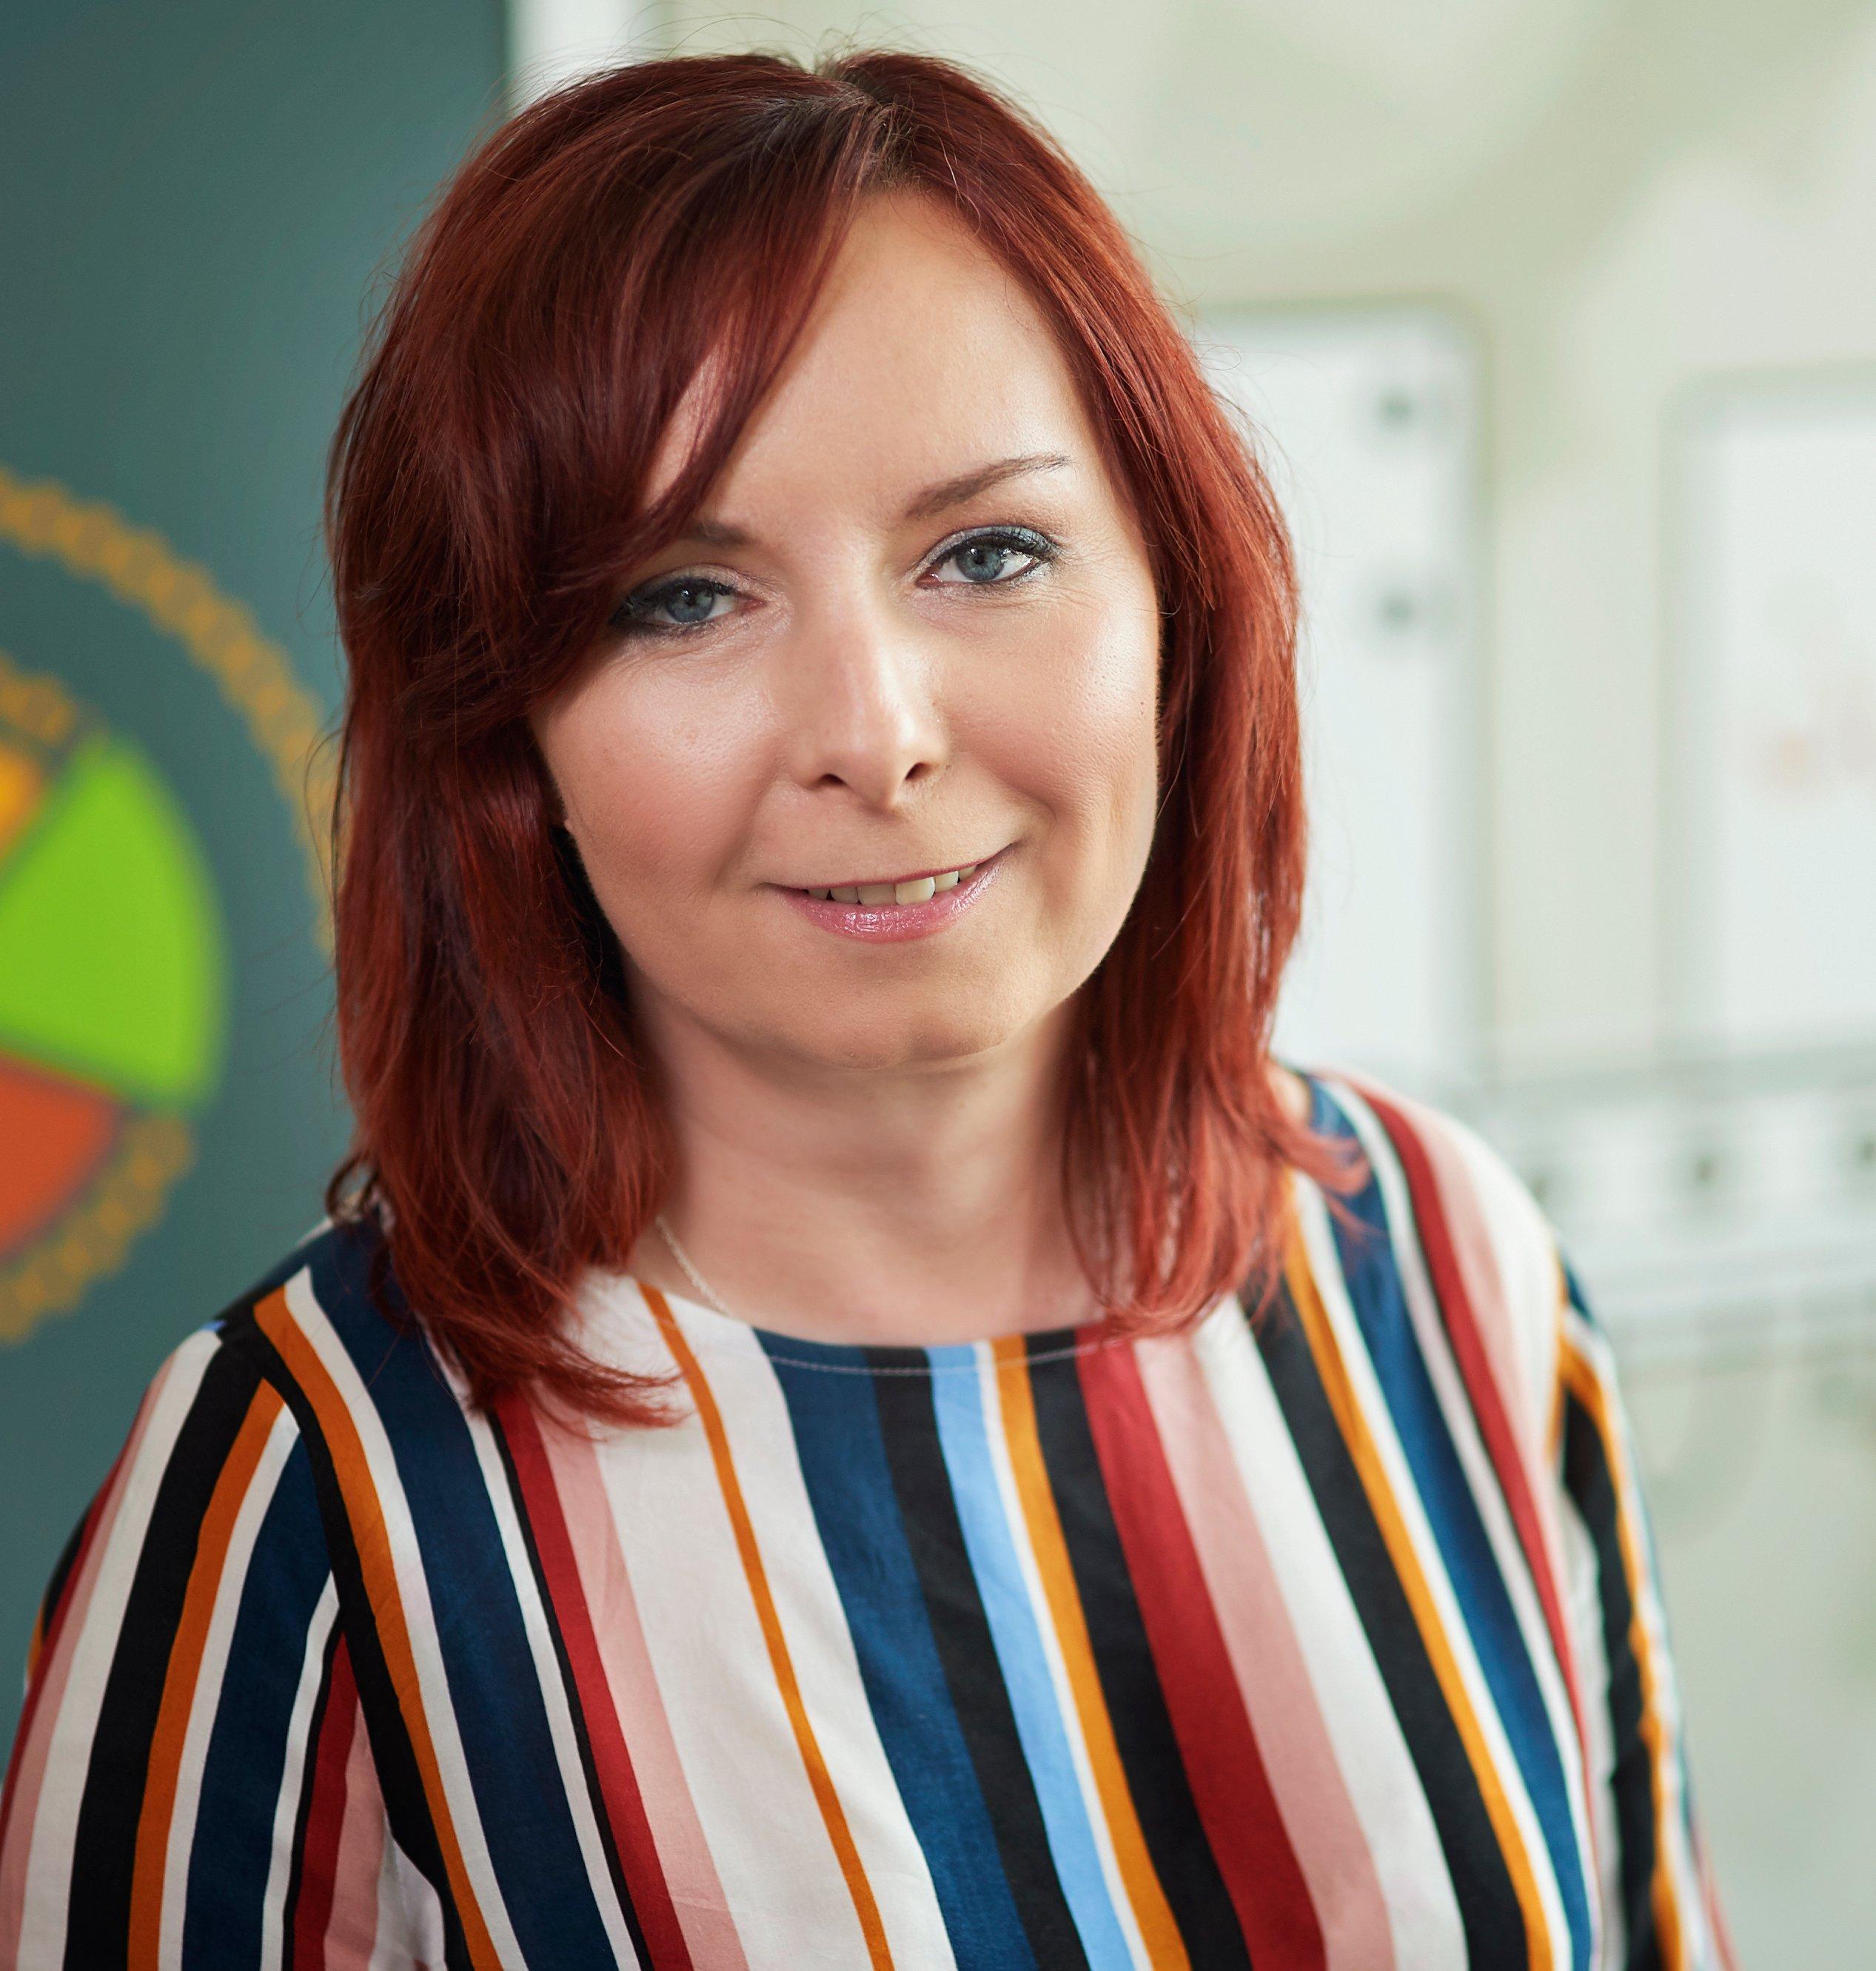 Karolina Sarul